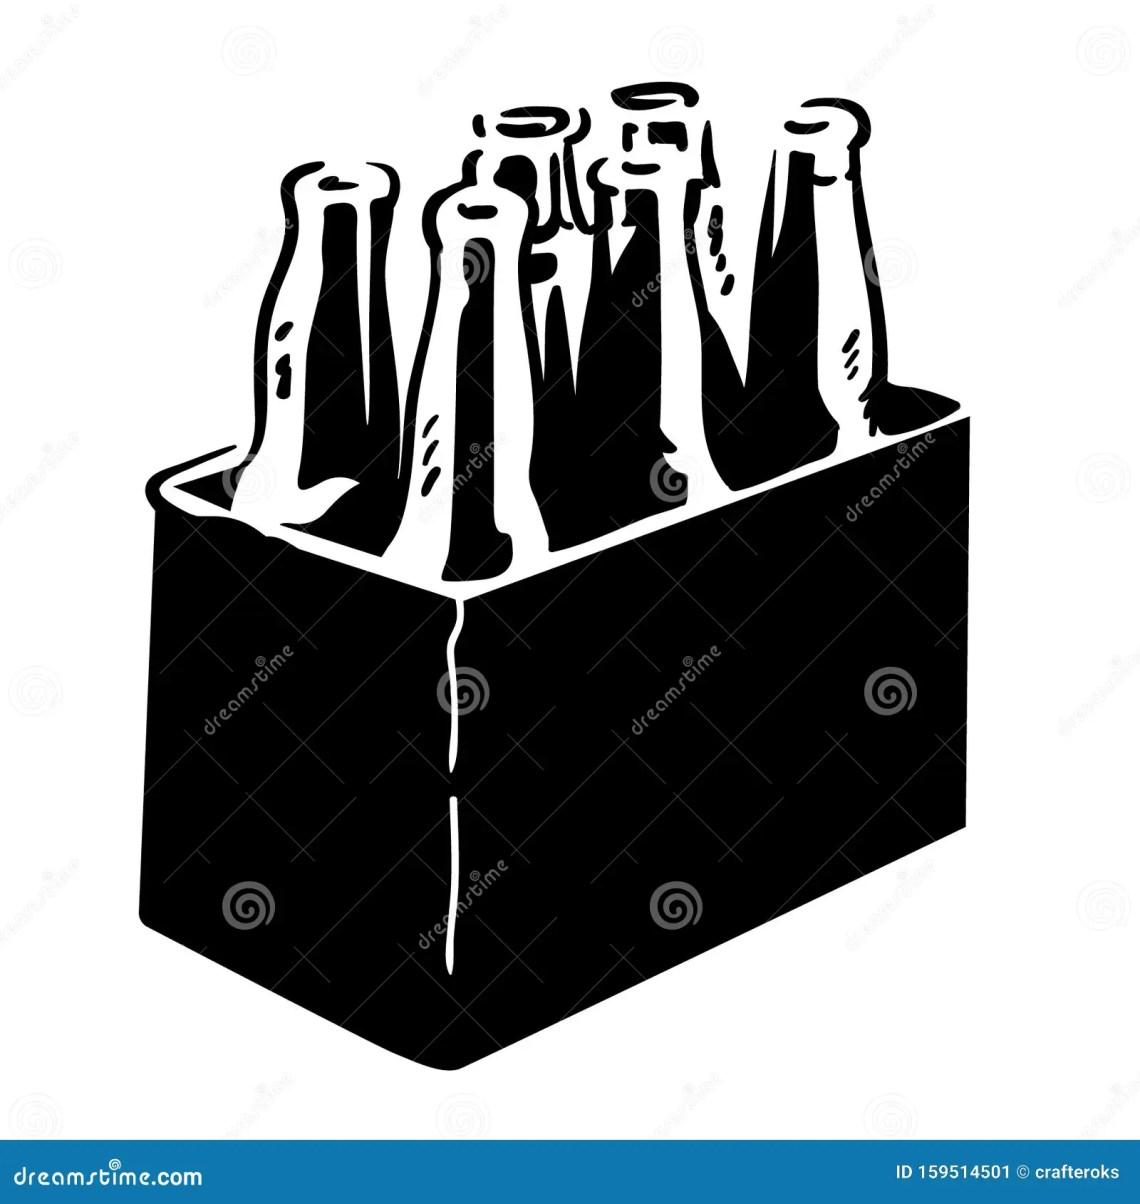 Download Beer Bottle Six Pack Eps File Stock Illustration ...